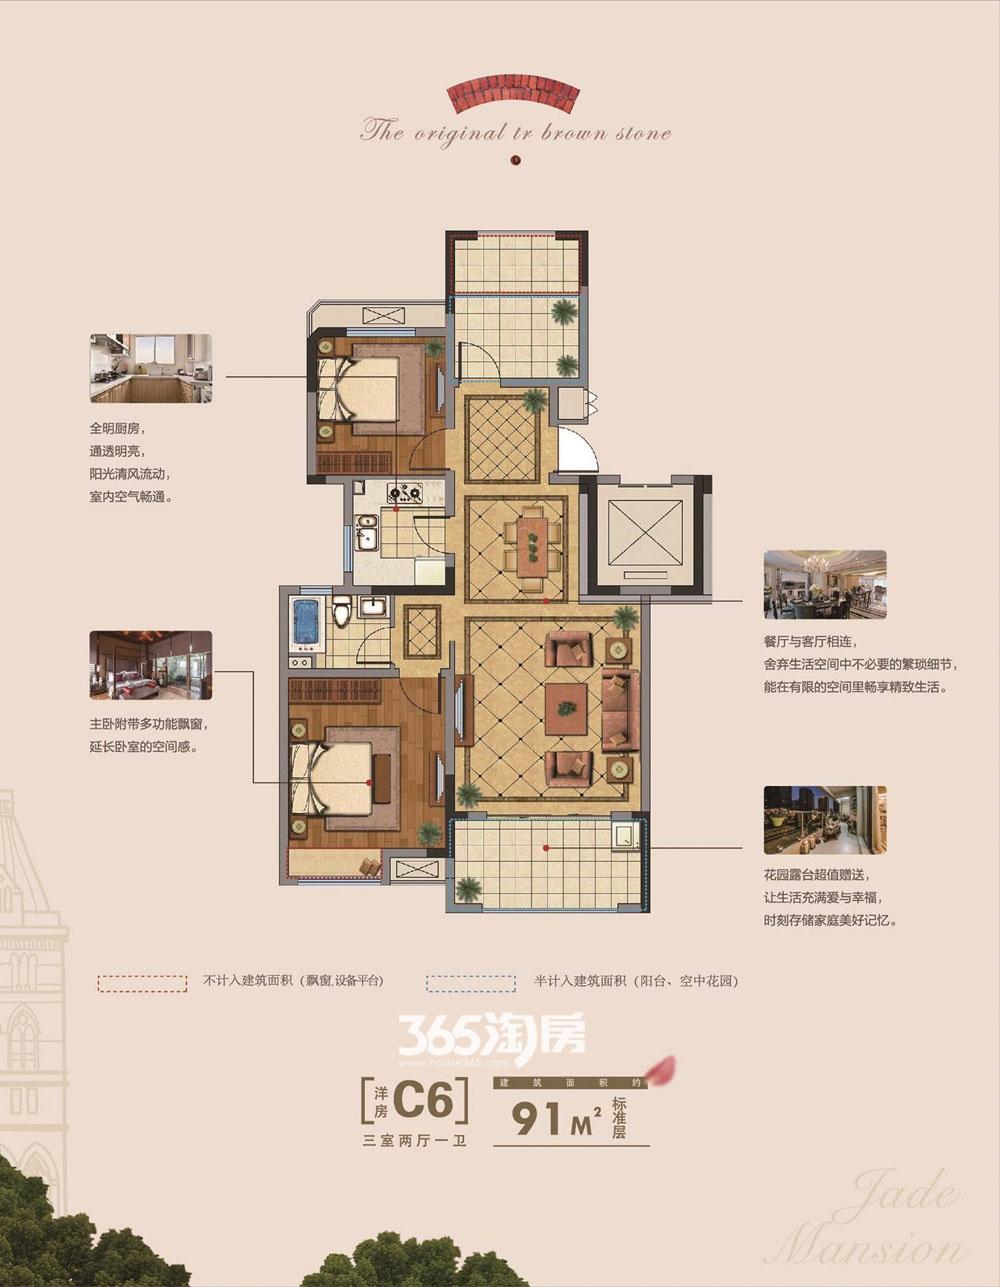 金大地翡翠公馆洋房C6户型图2+1室